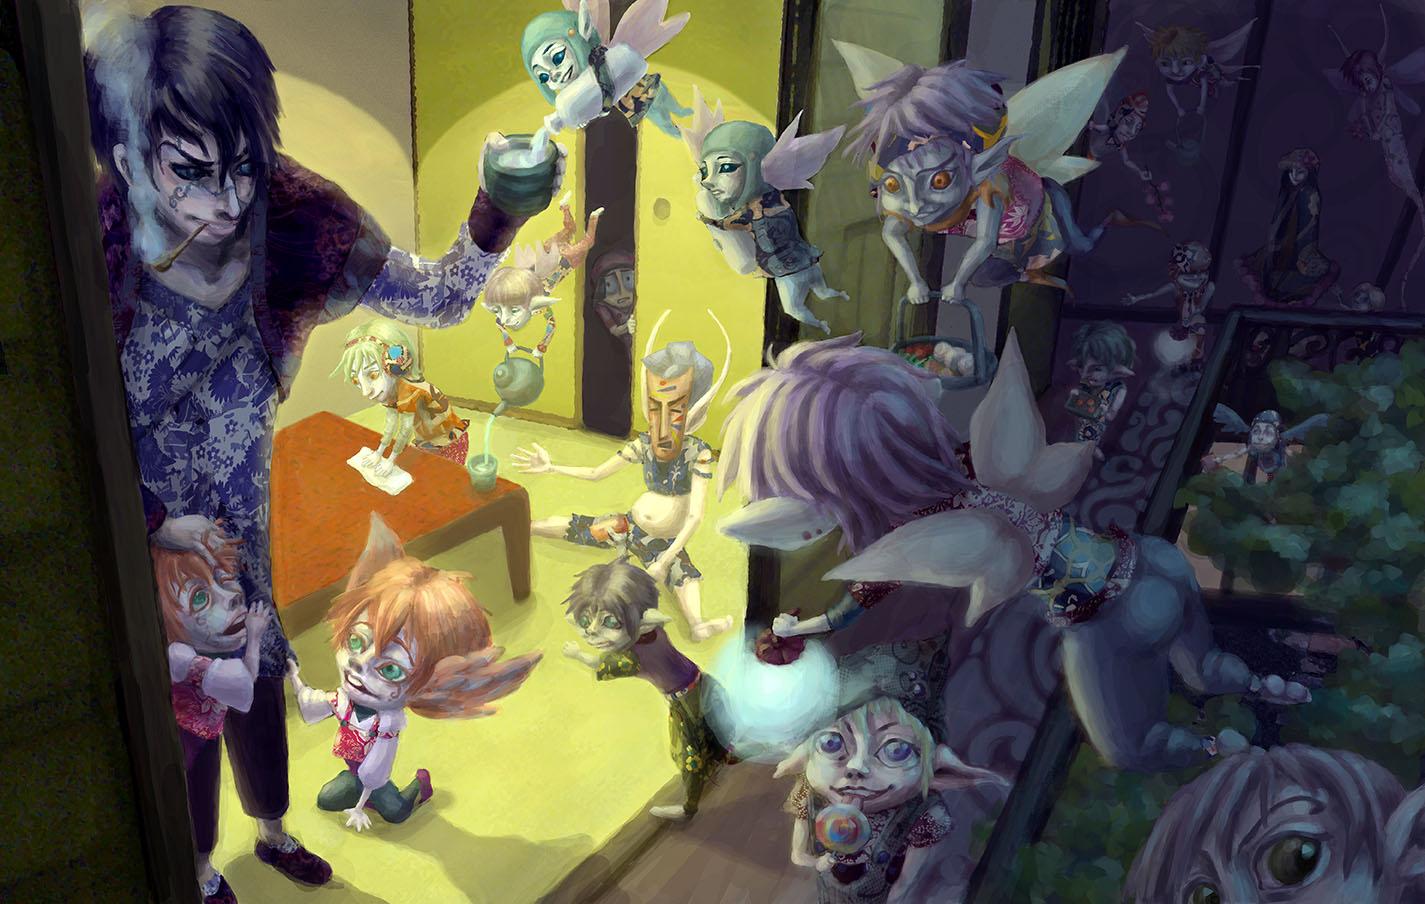 Koba's House - After Dinner / Original illustration as a narrative series / Digital Illustration